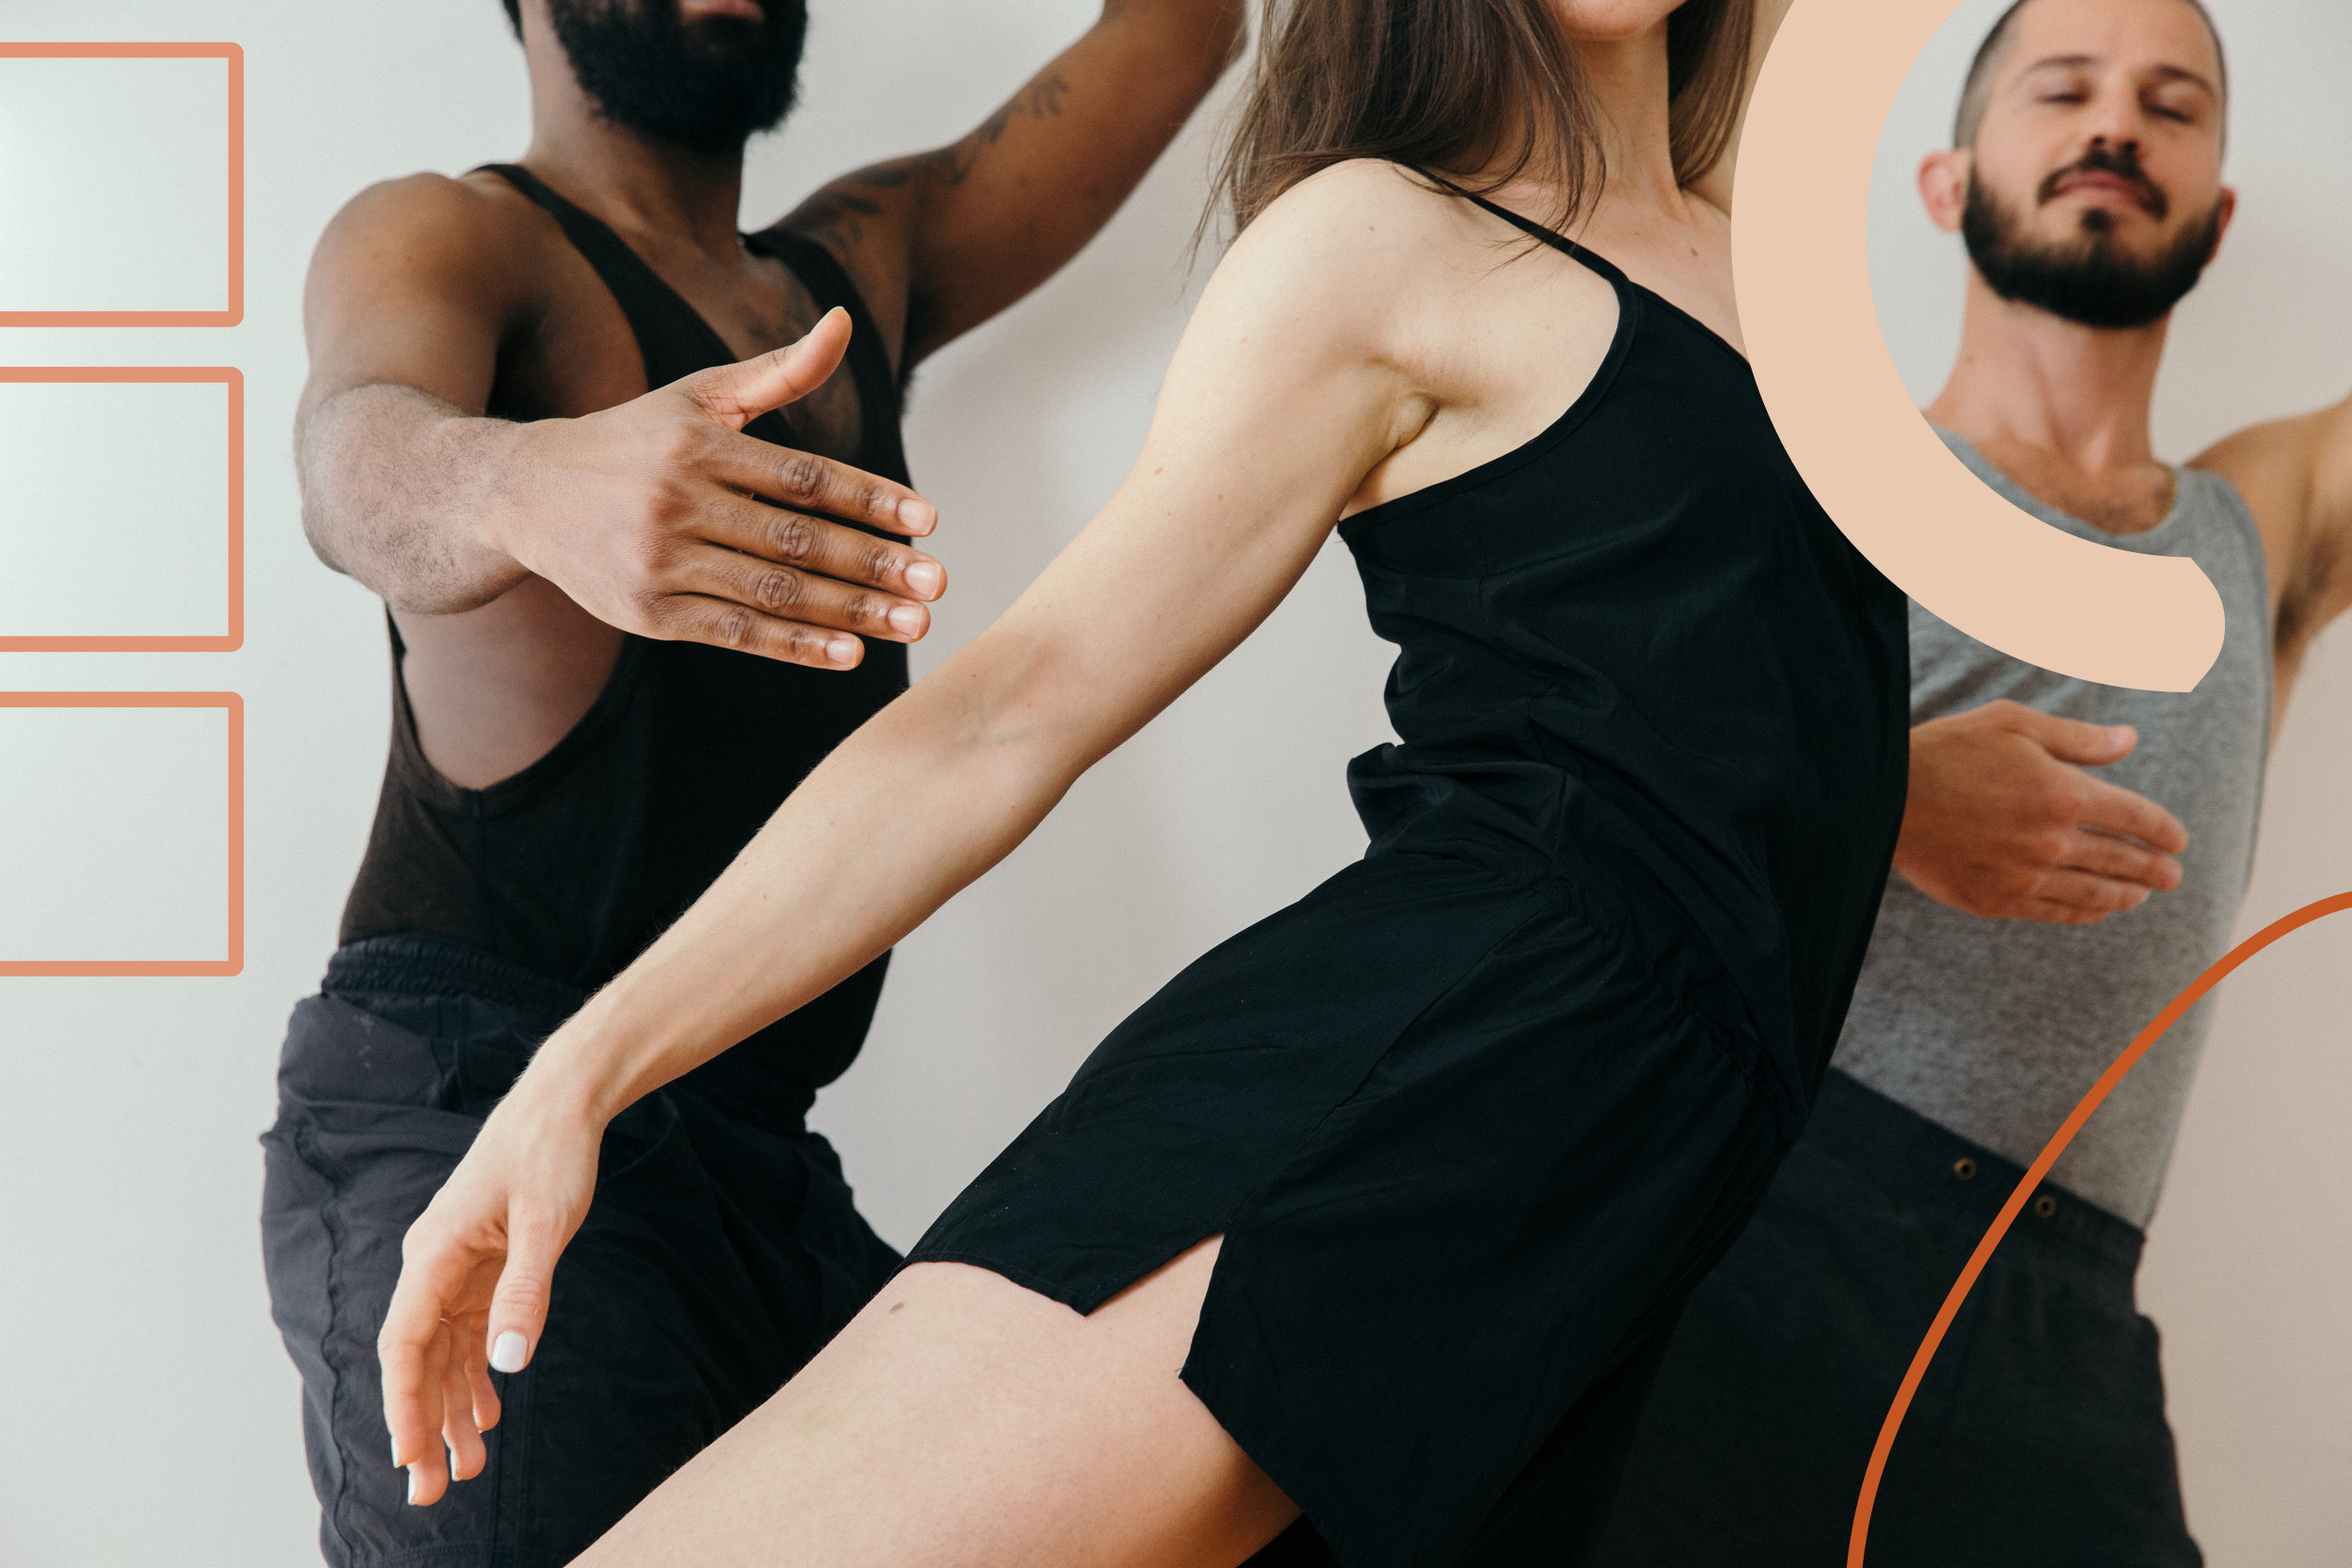 ballet class and ass.jpg